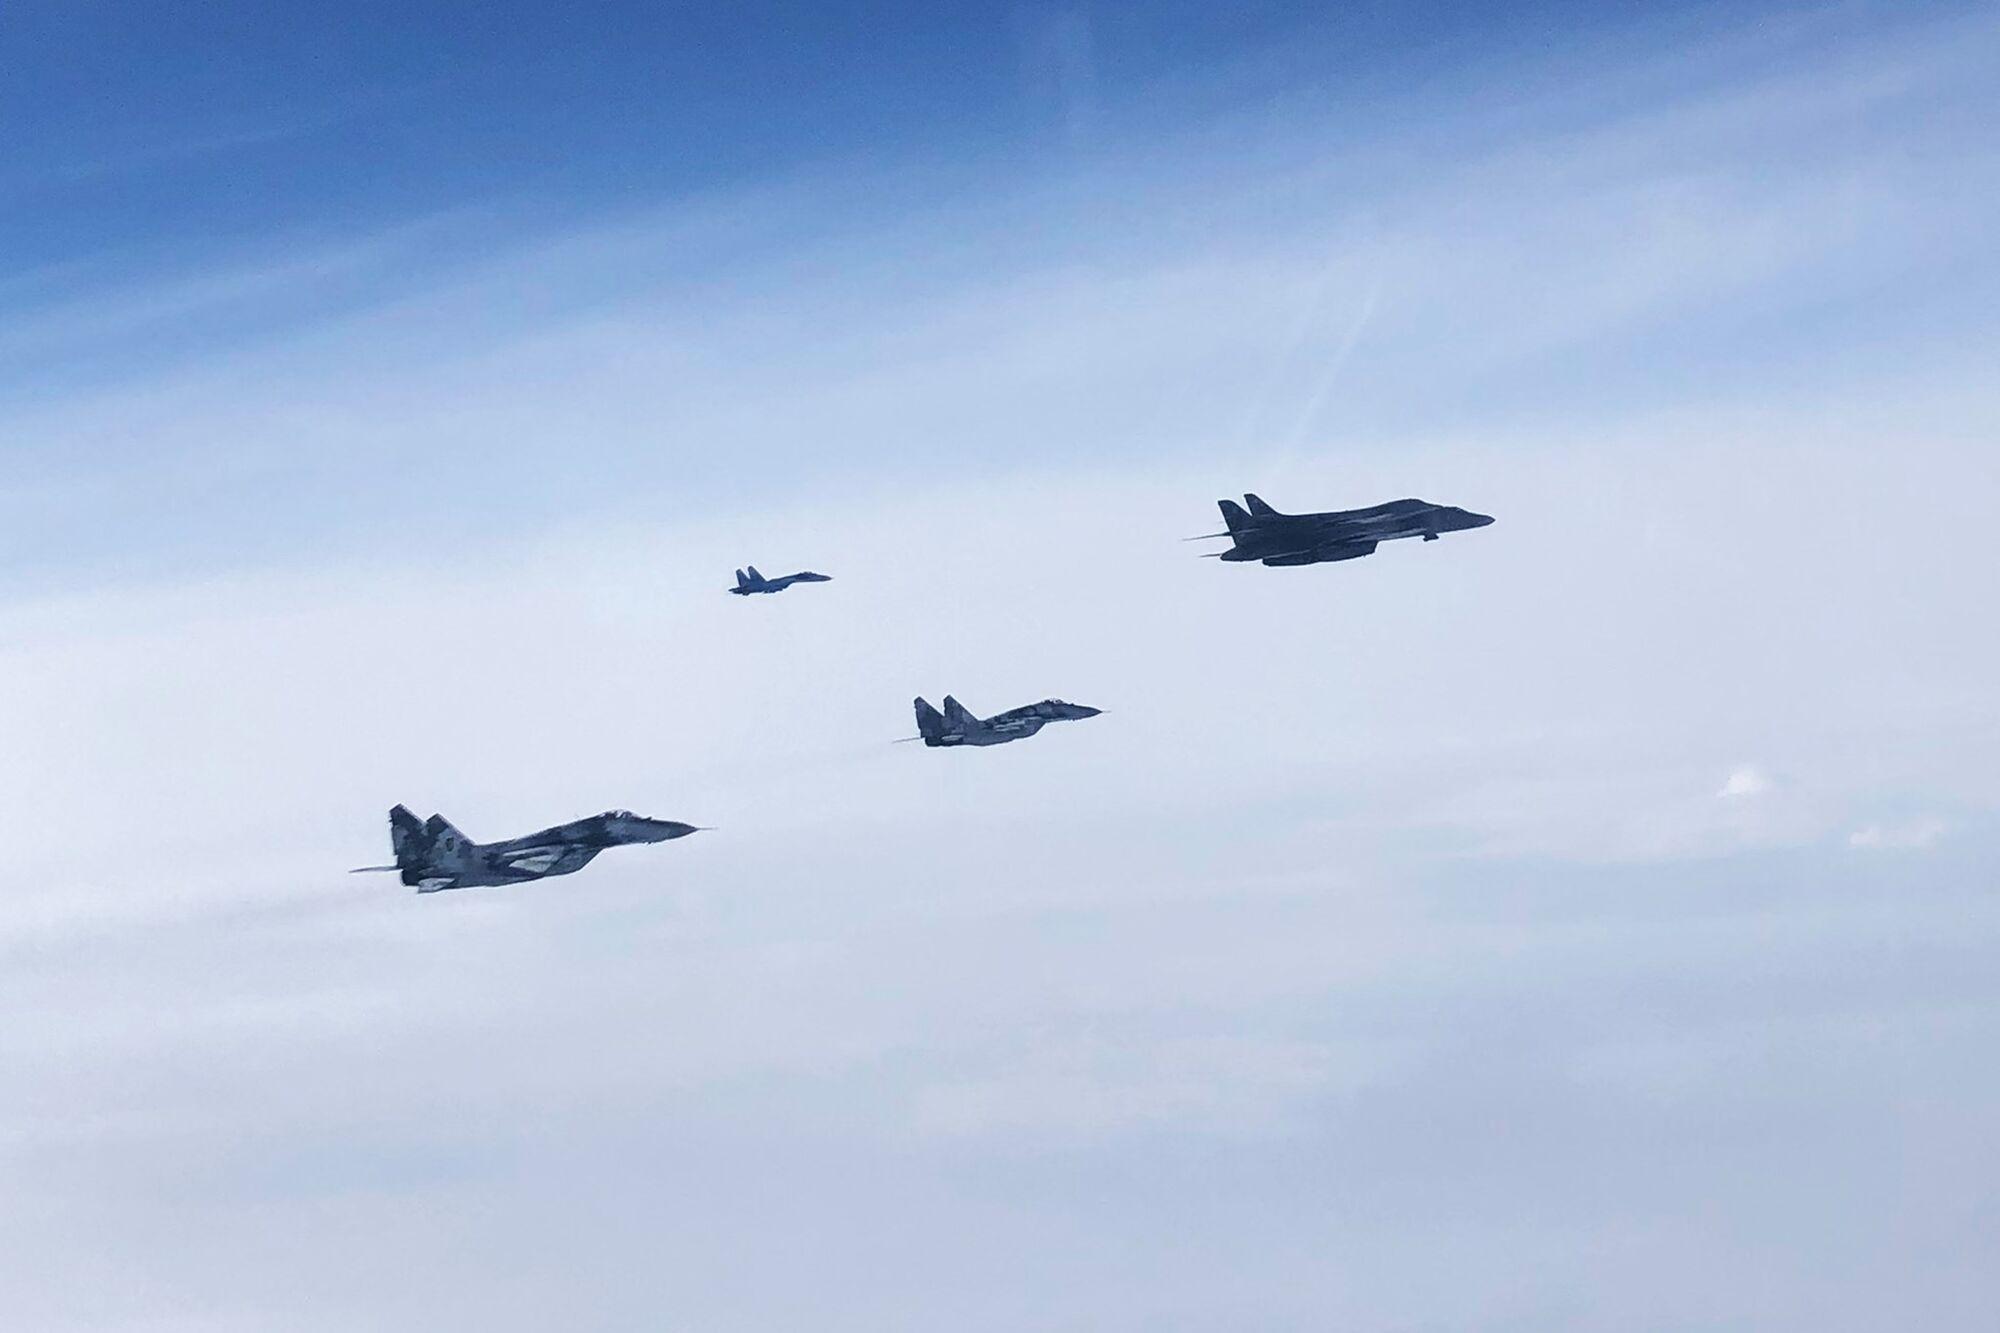 Американські бомбардувальники B-1B Lancer пролетіли над Україною